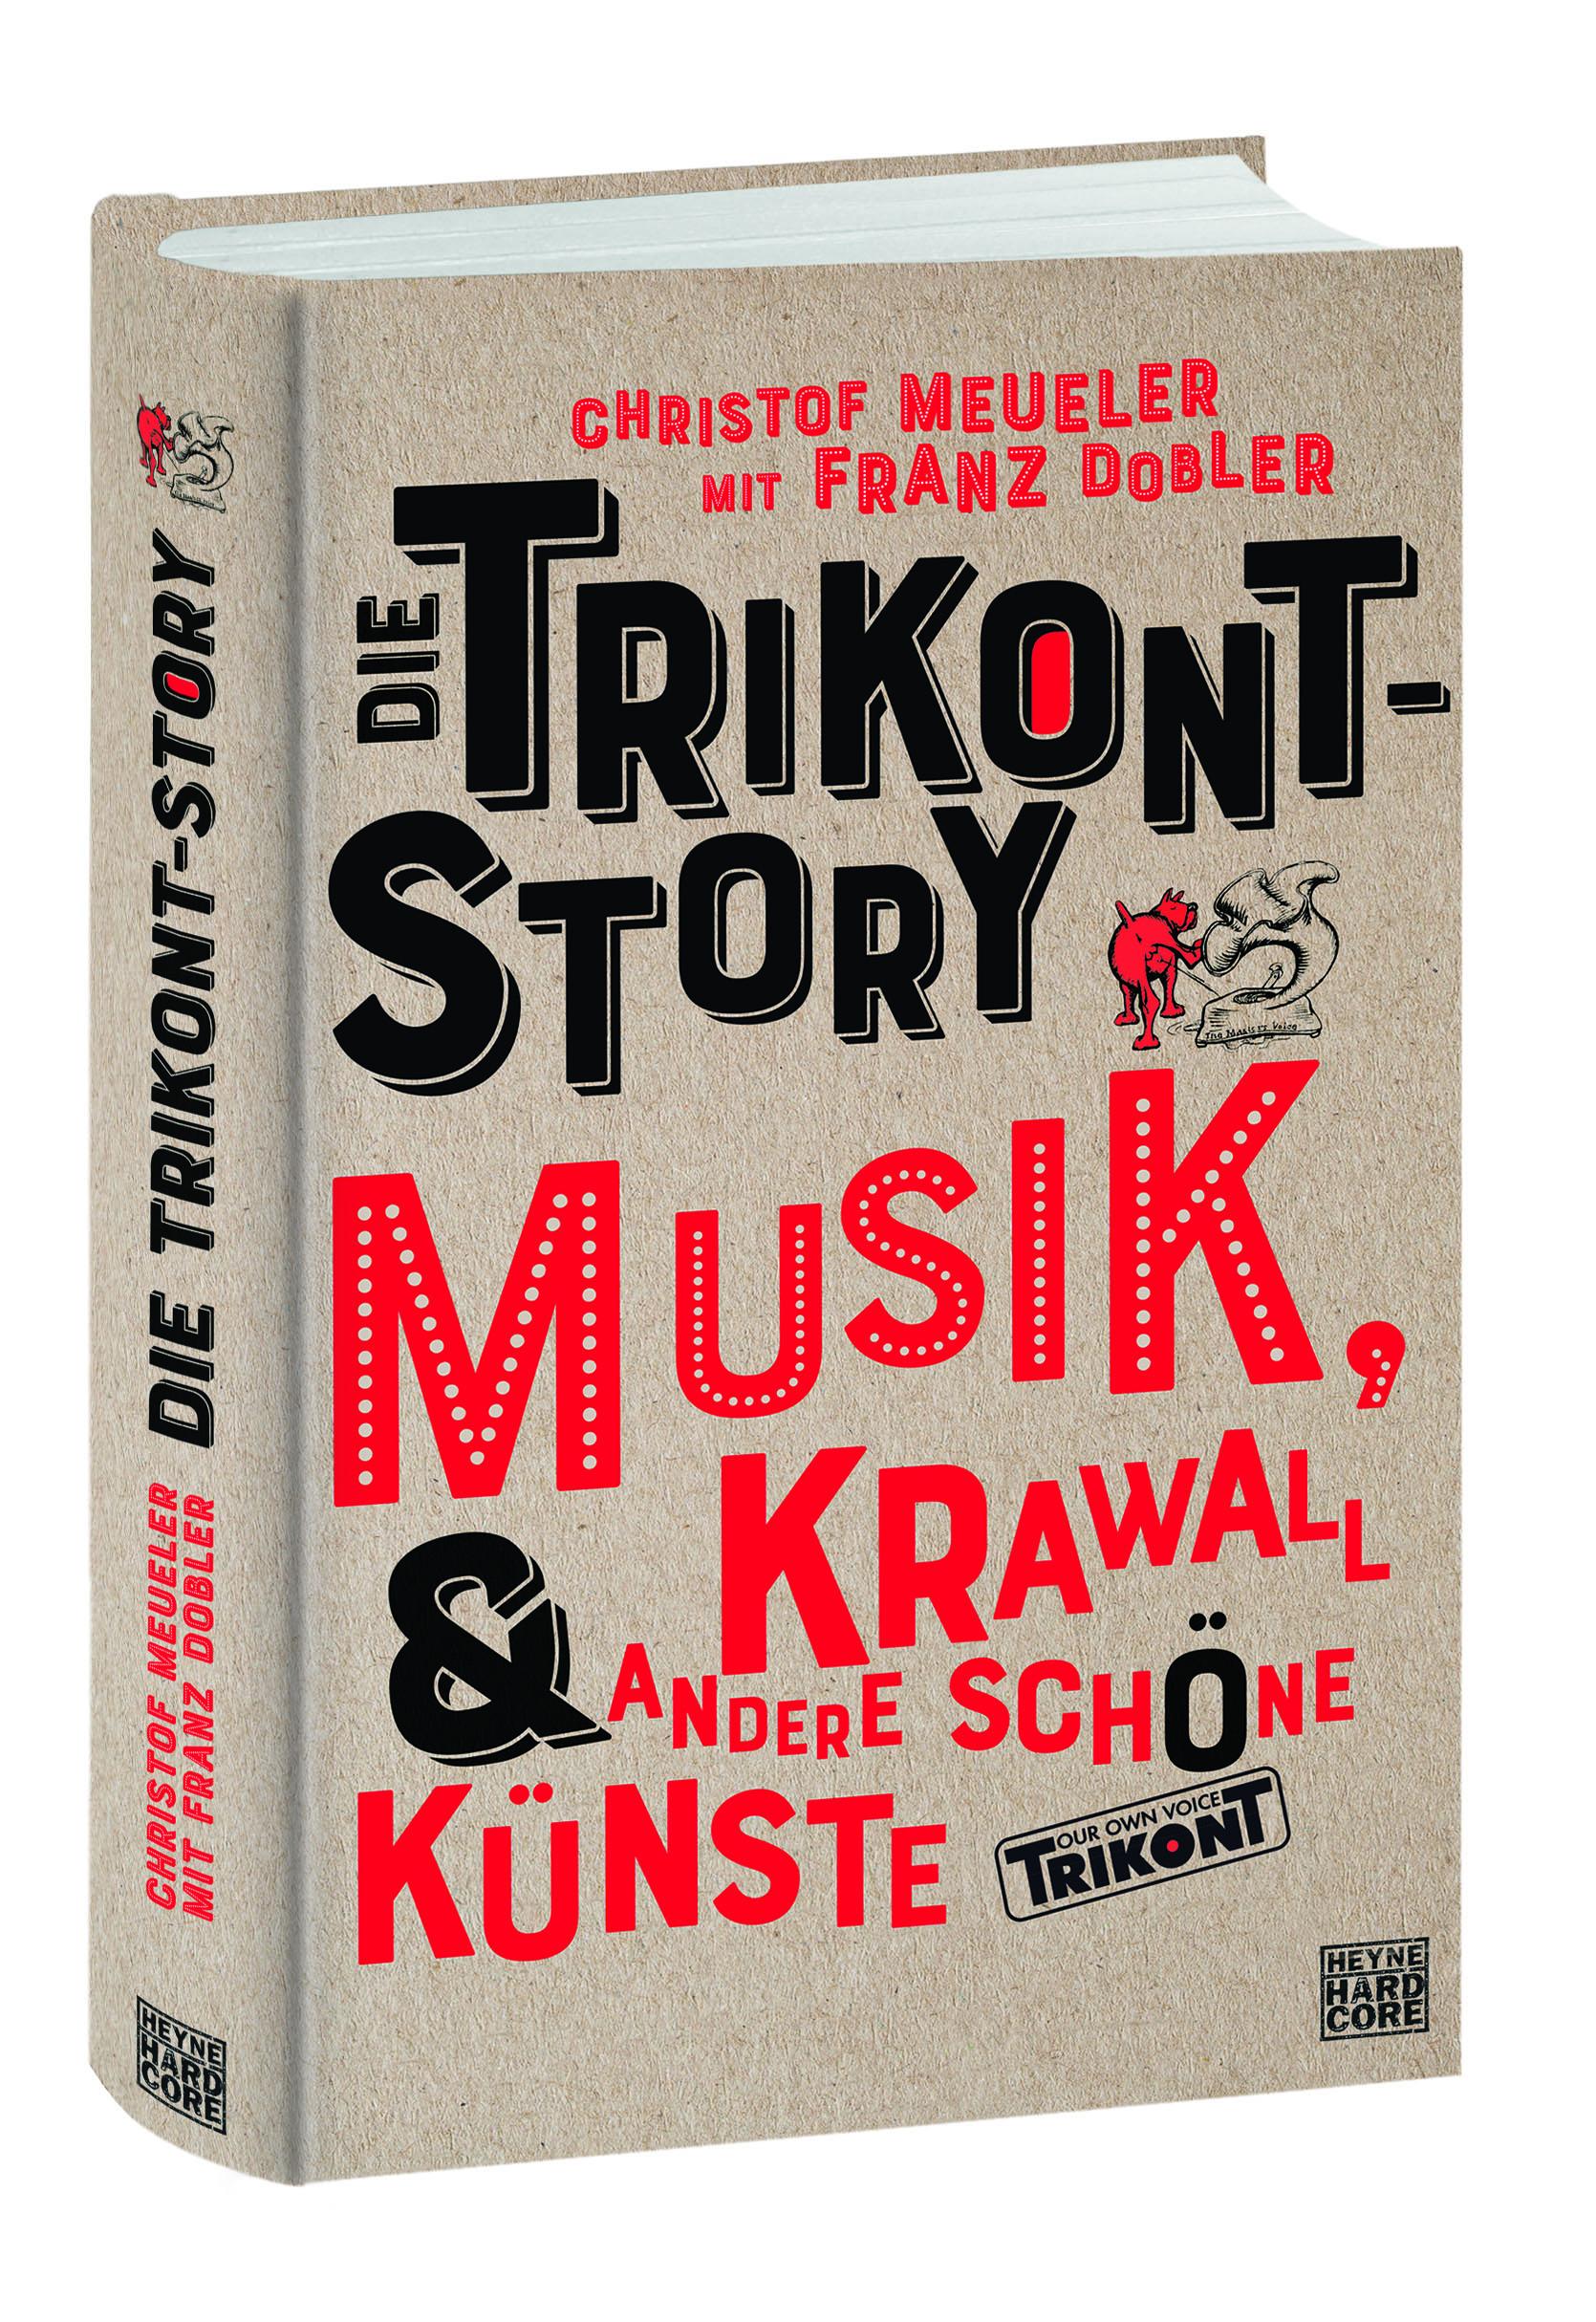 Die Trikont-Story - Musik, Krawall & andere schöne Künste